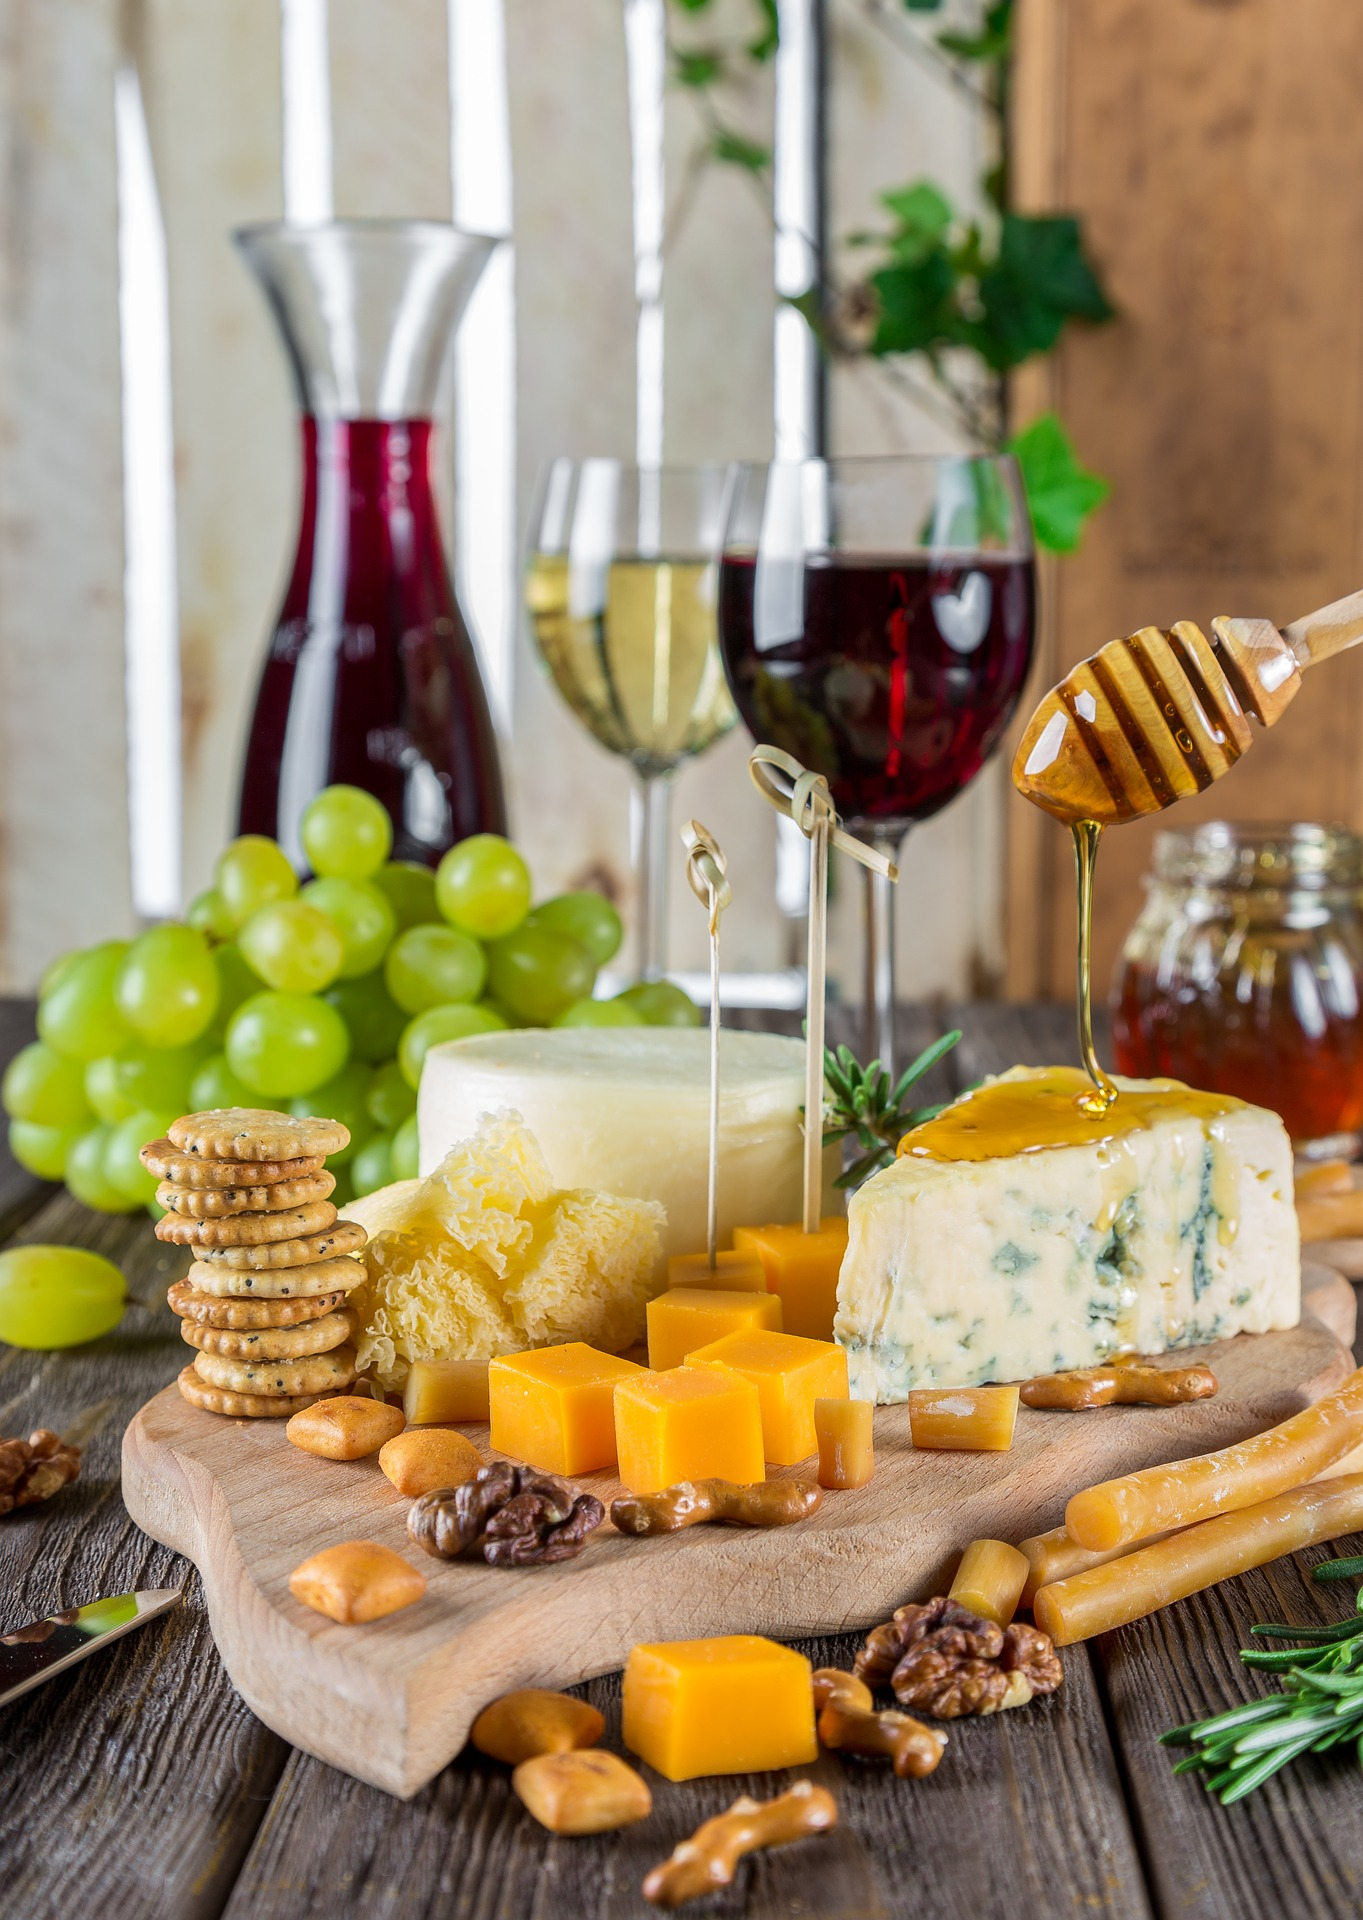 cheese-1887233_1920.jpg